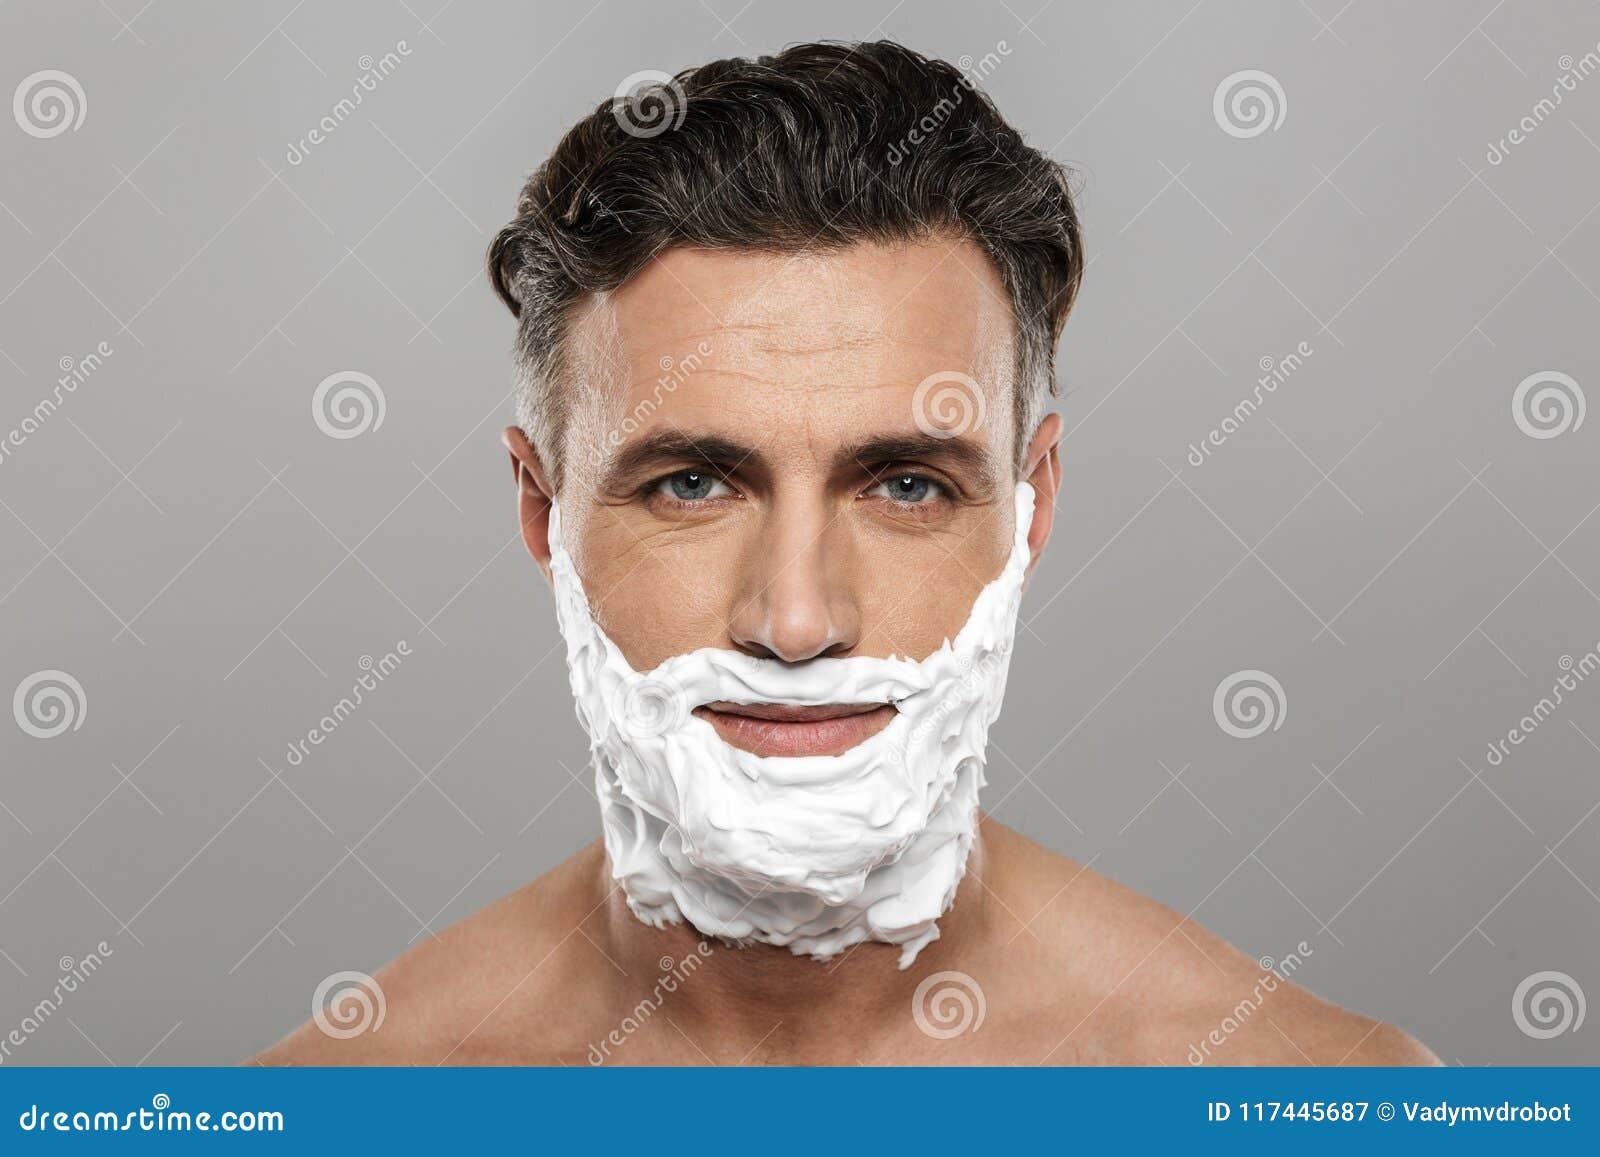 Web cam mature shaving